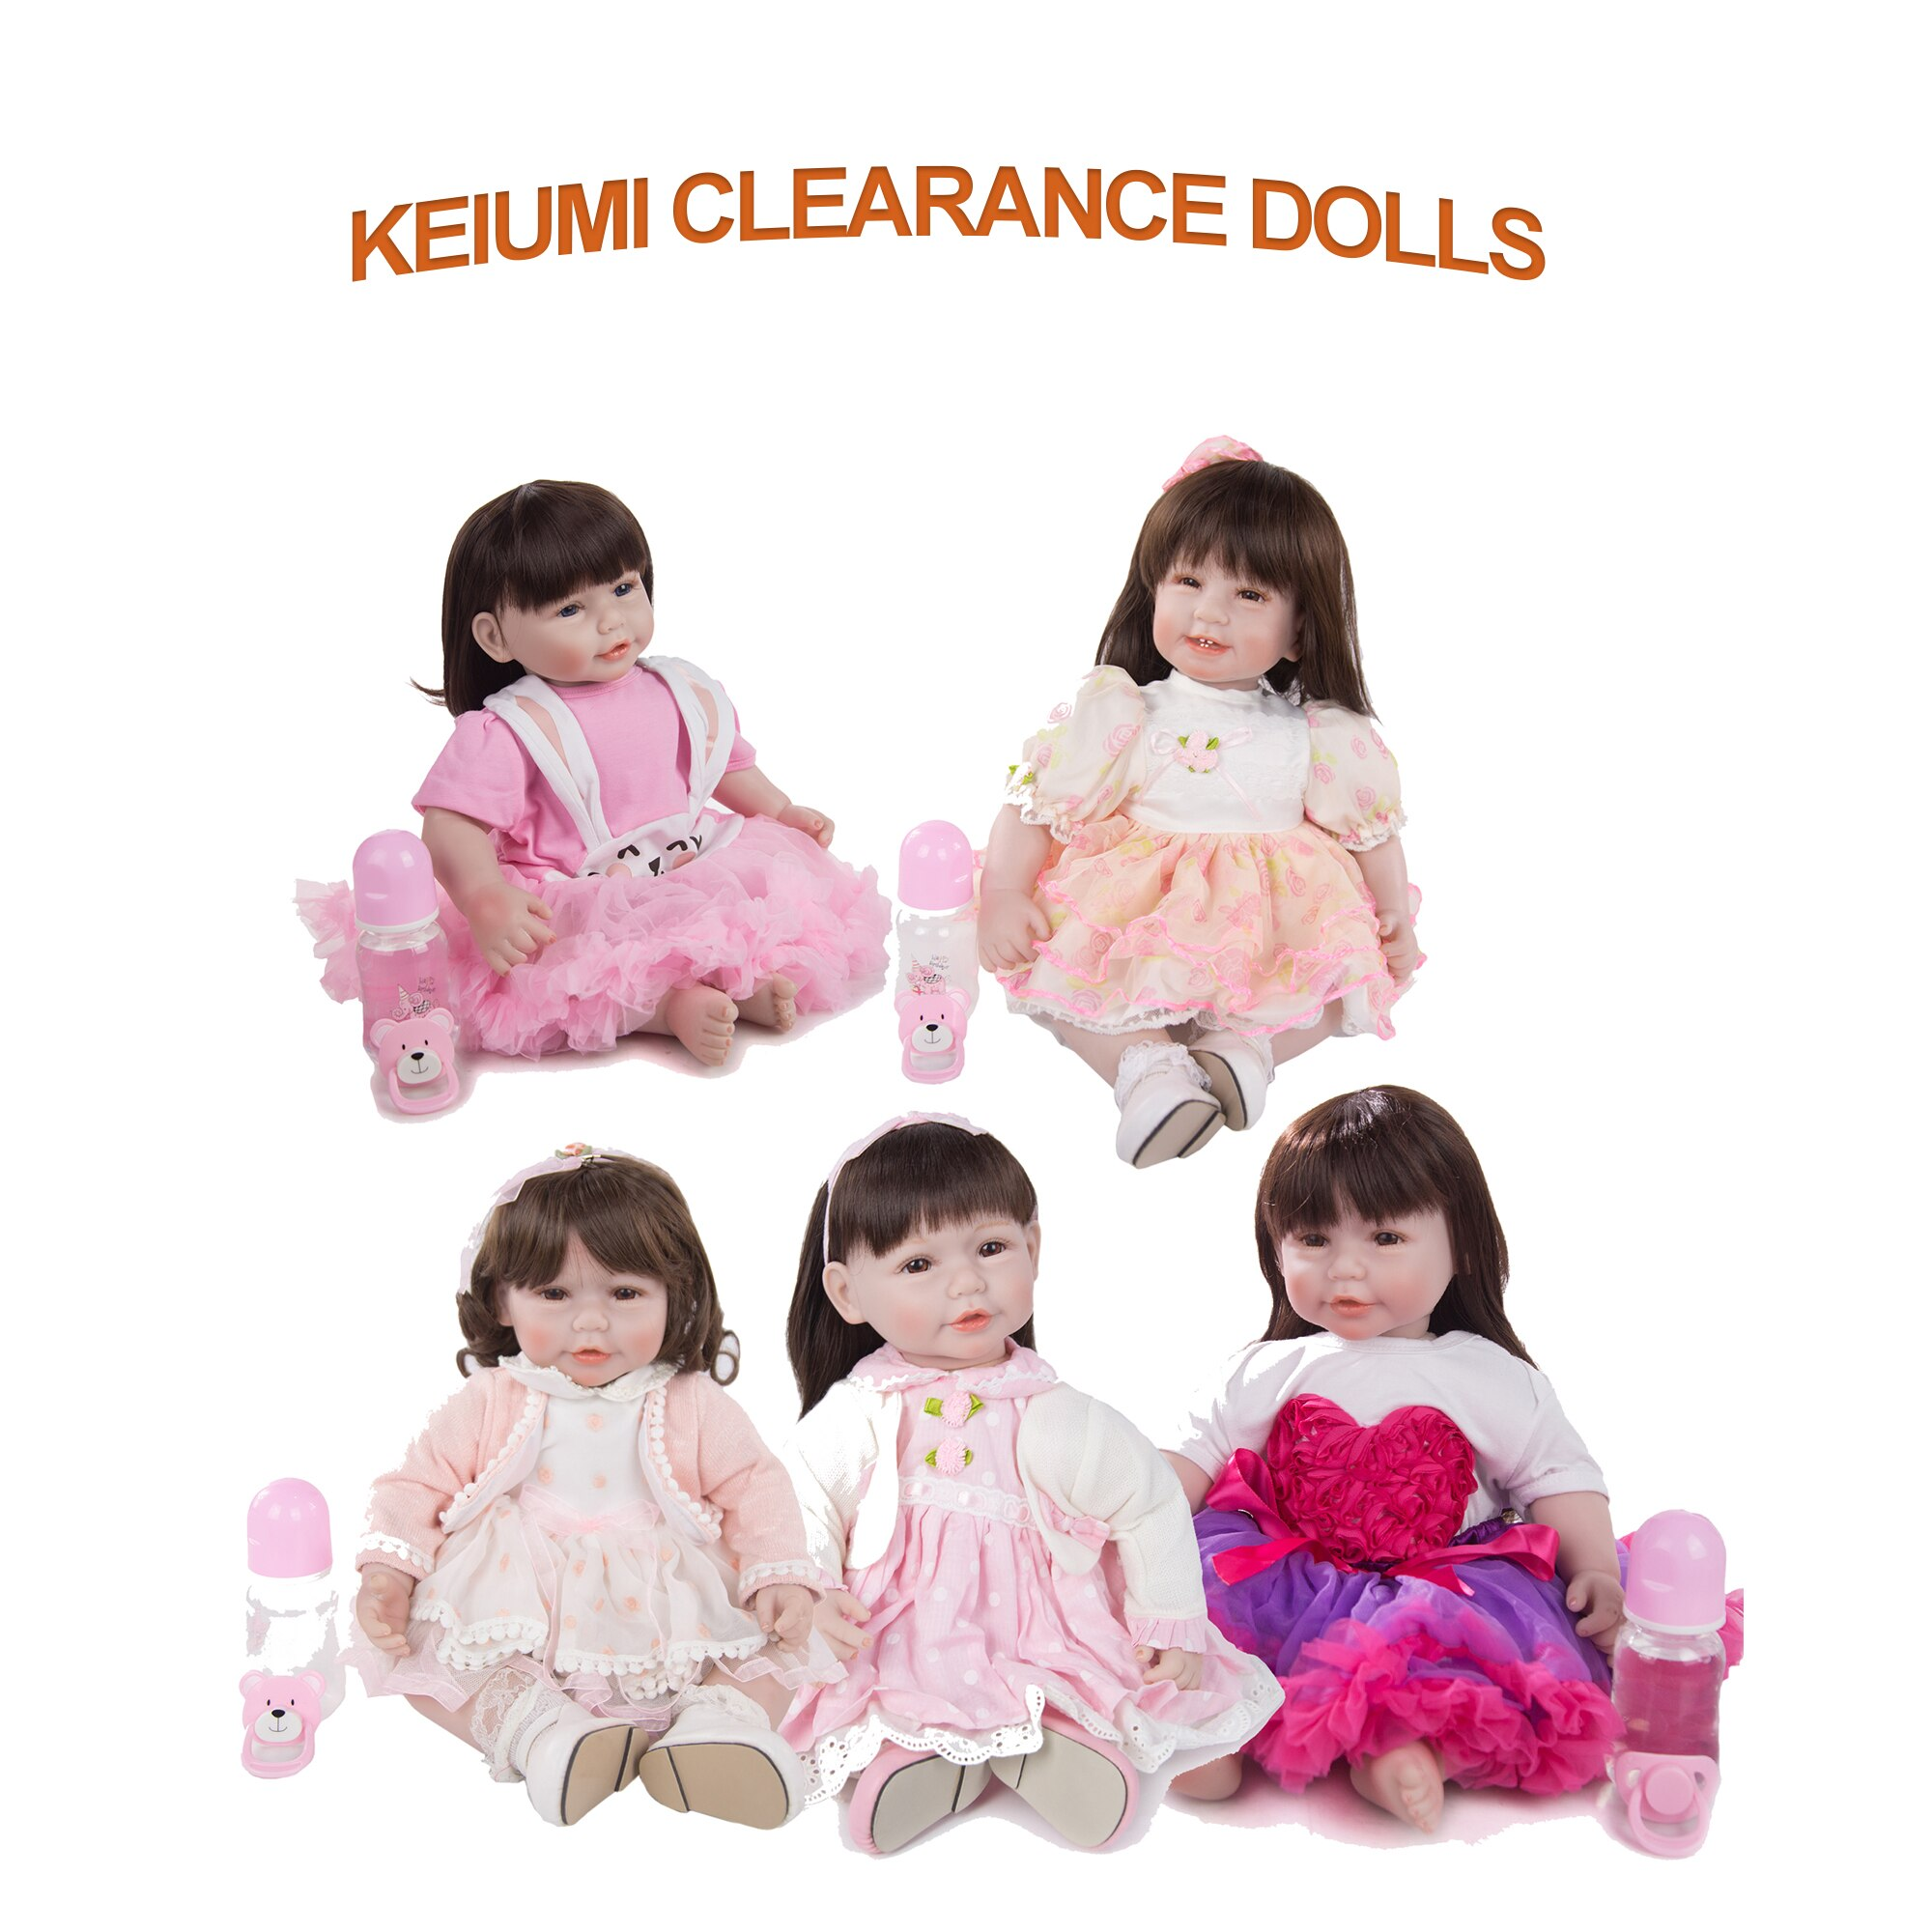 Muñeca de juguete KEIUMI de silicona de 22 pulgadas Rebron muñeca de juguete bebés Reborn juguete con el precio más bajo en venta